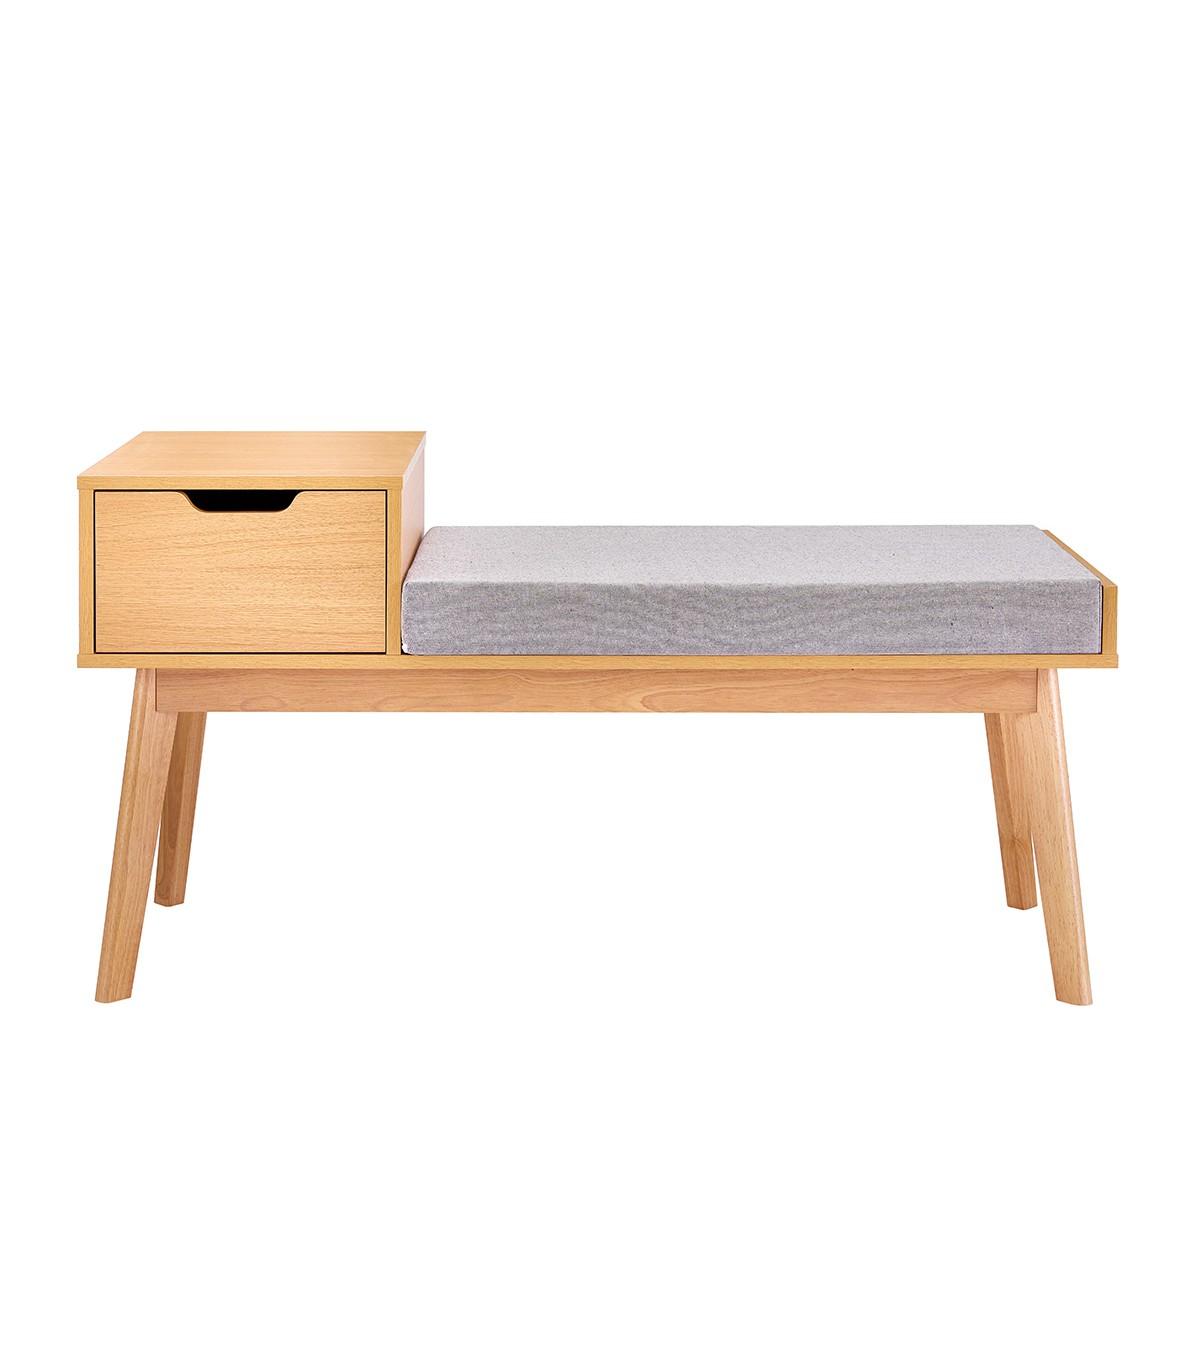 Banc à chaussures 1 tiroir avec assise en tissu - Gris et beige